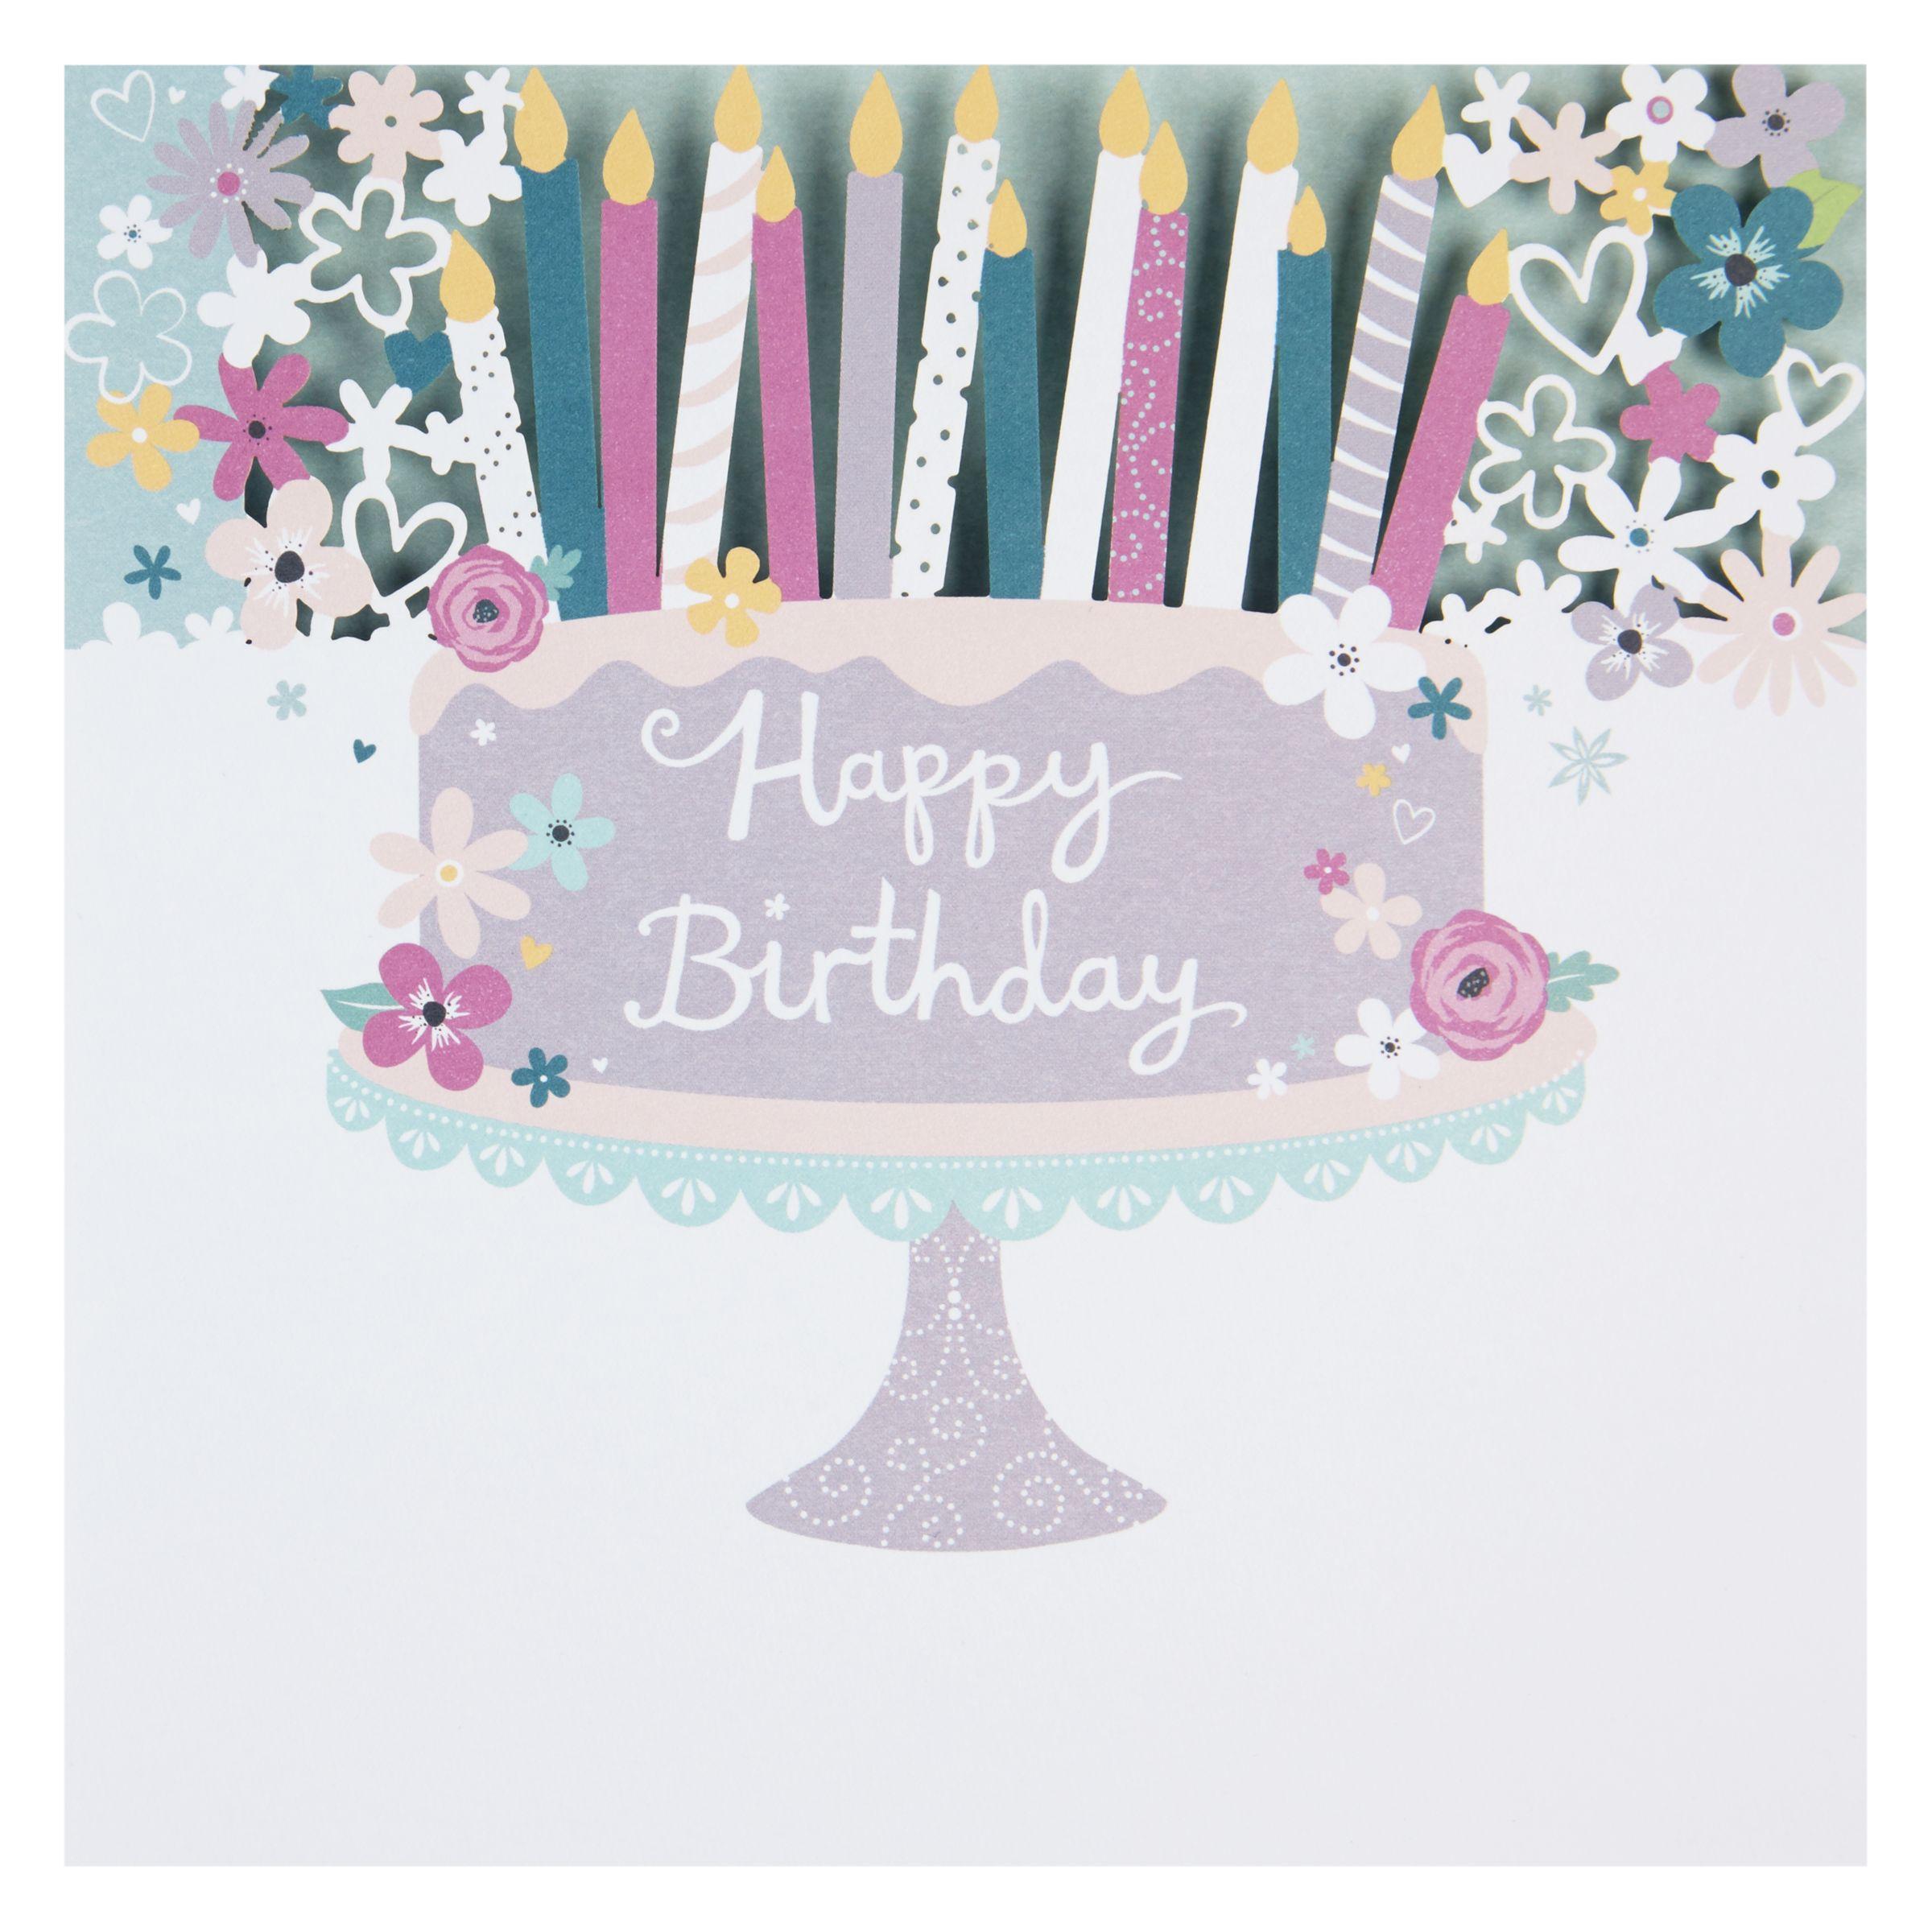 Birthday Cake John Lewis : Buy Paperlink Cake and Candles Birthday Card John Lewis